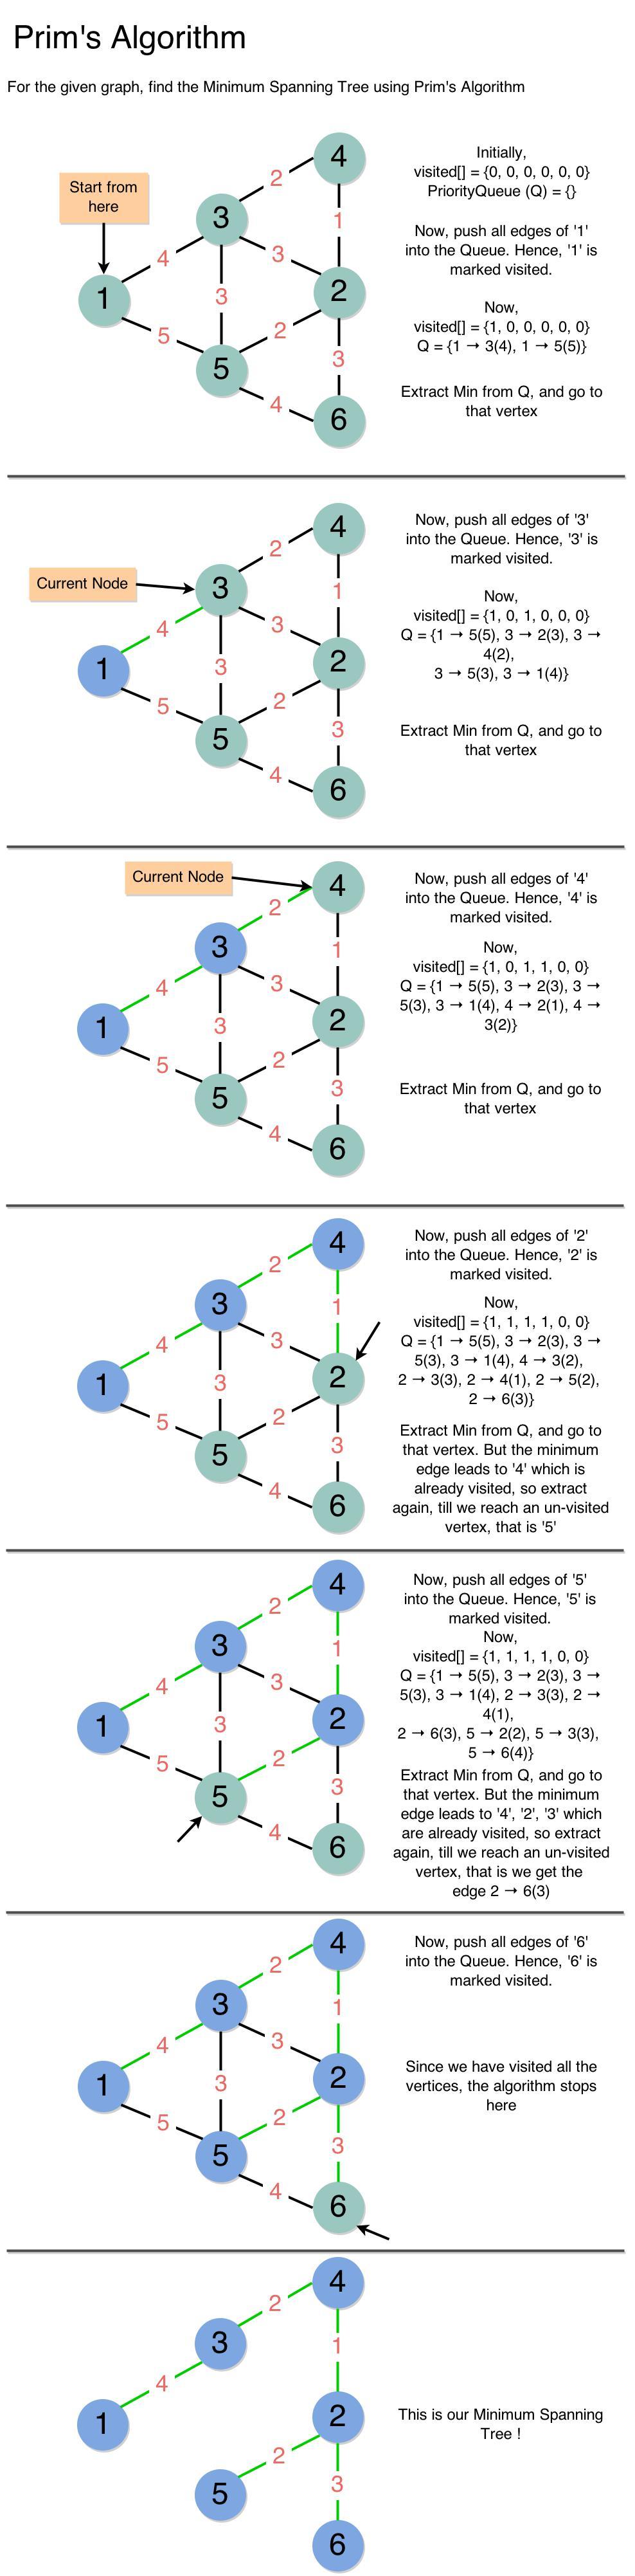 Prim's Algorithm Step-by-Step